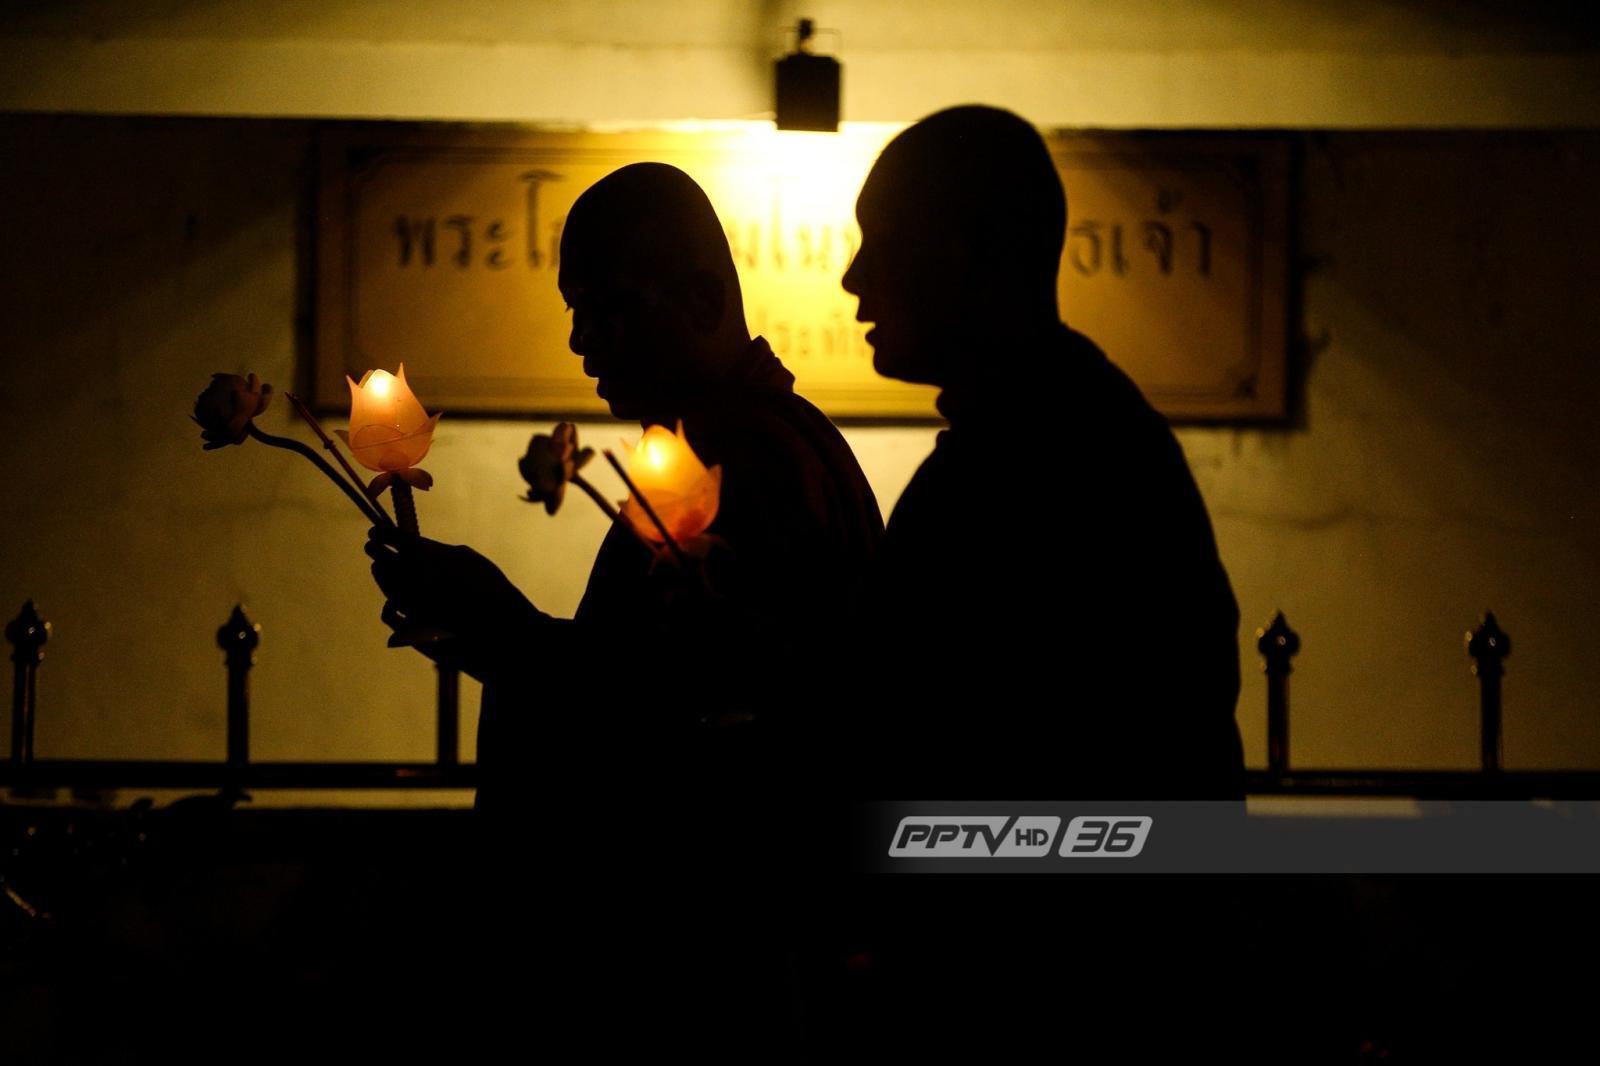 ไวรัสโคโรนา, โควิด-19, COVID-19, วันวิสาขบูชา, วันสำคัญทางพระพุทธศาสนา ,  เวียนเทียนออนไลน์